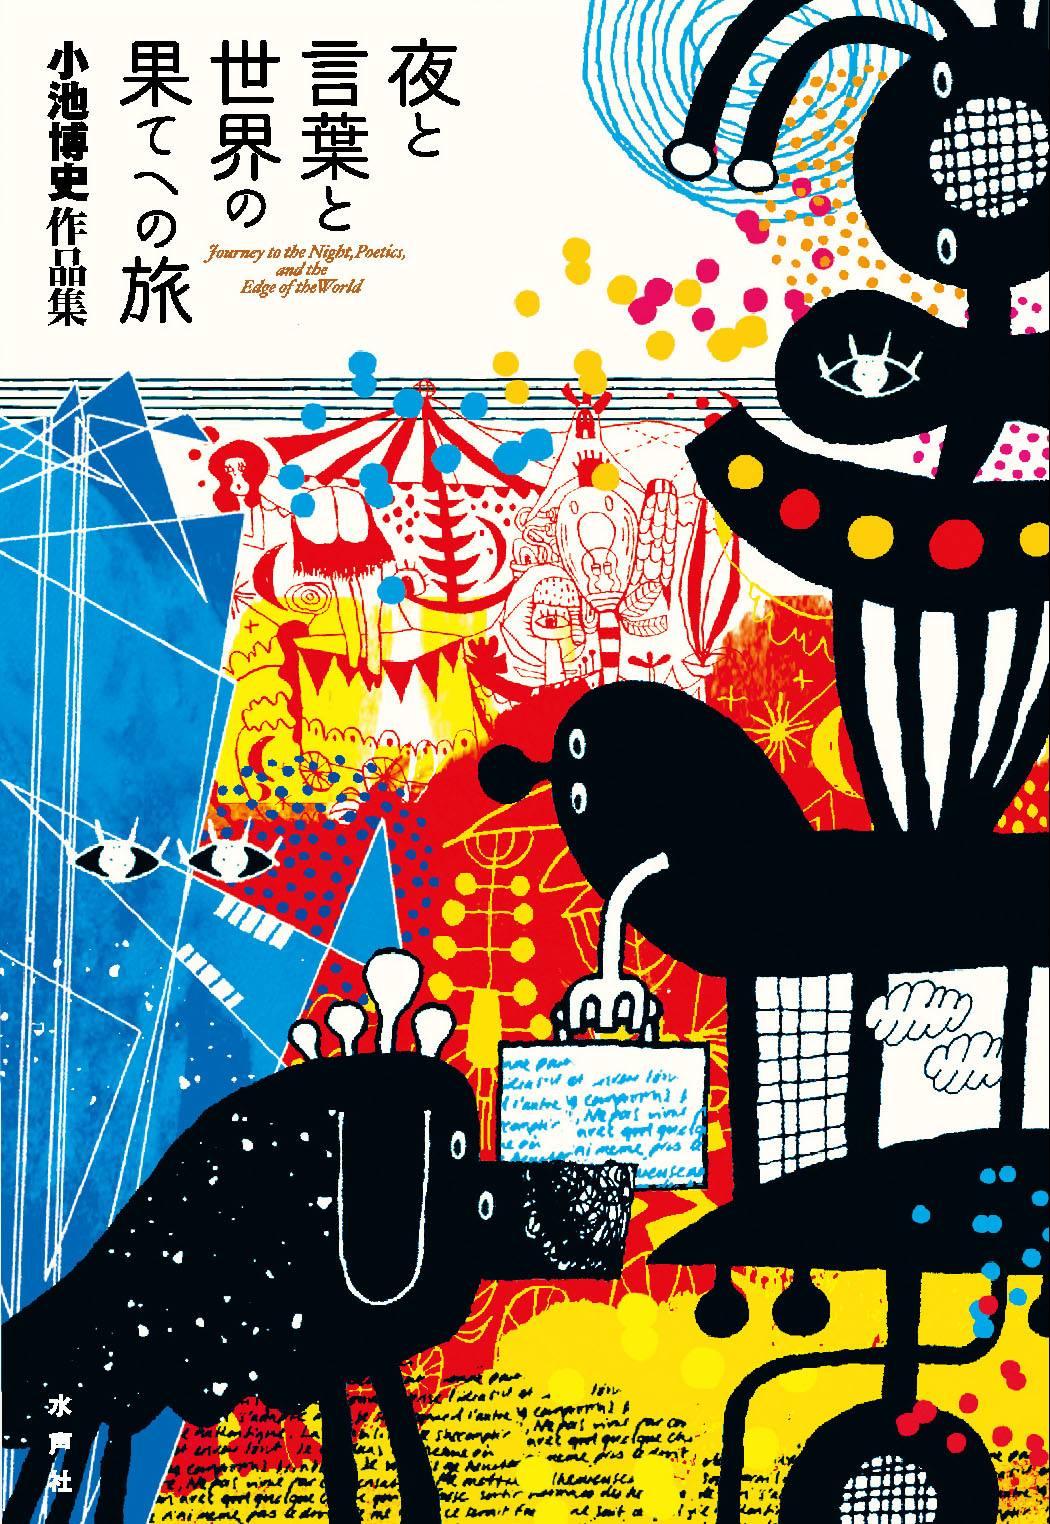 「小池博史と仲間たち展」― 夜と言葉と世界の果てへの旅 ― 出版記念イベント